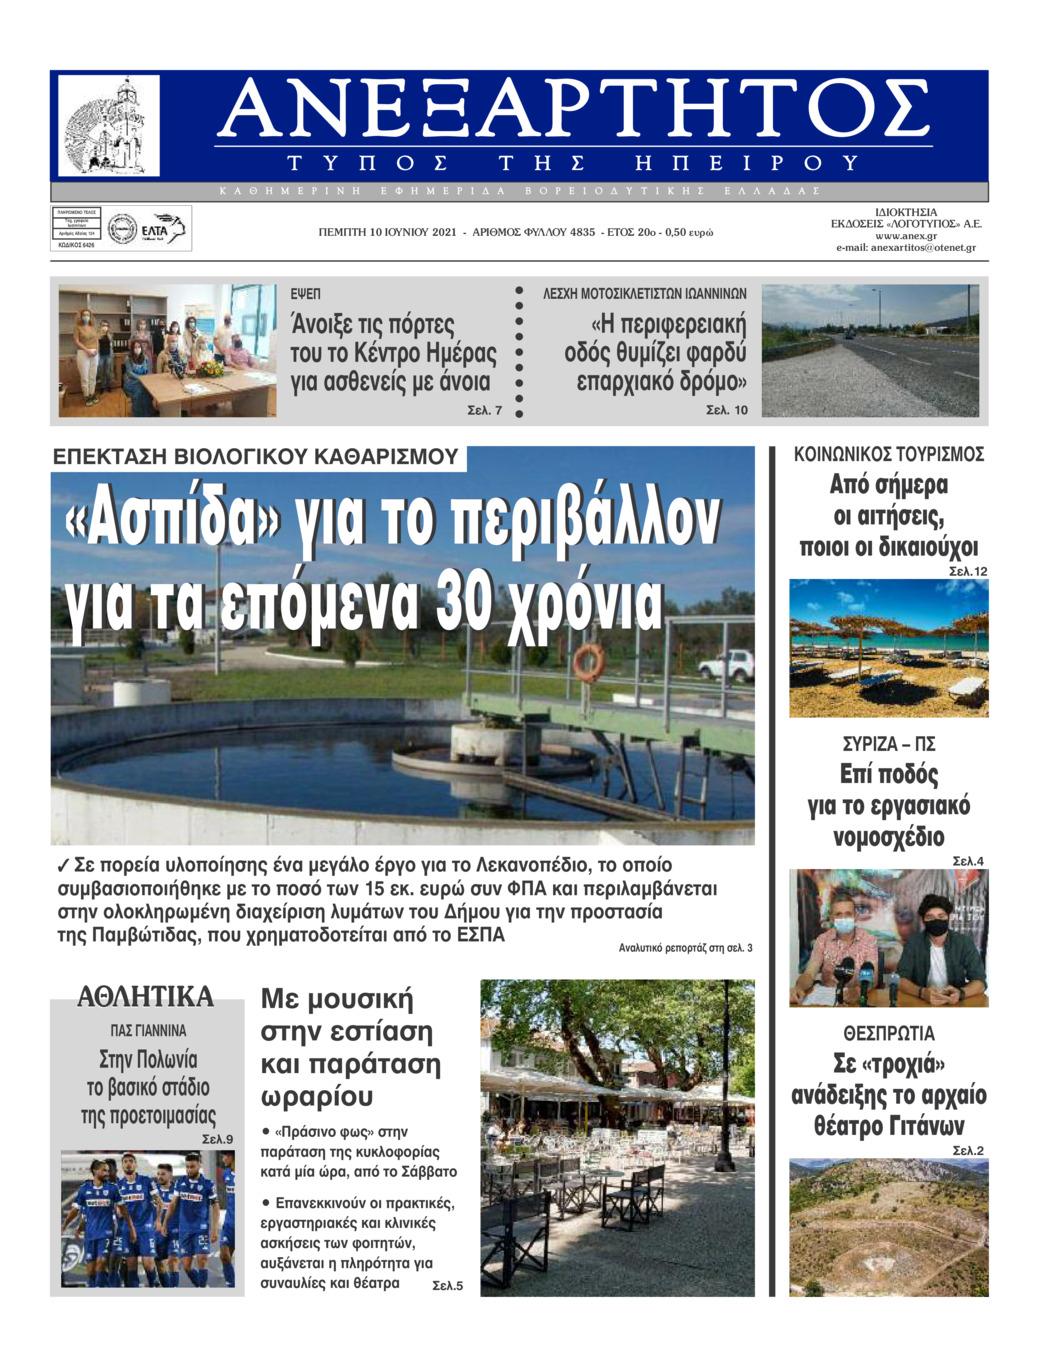 Πρωτοσέλιδο εφημερίδας Ανεξάρτητος Ηπείρου